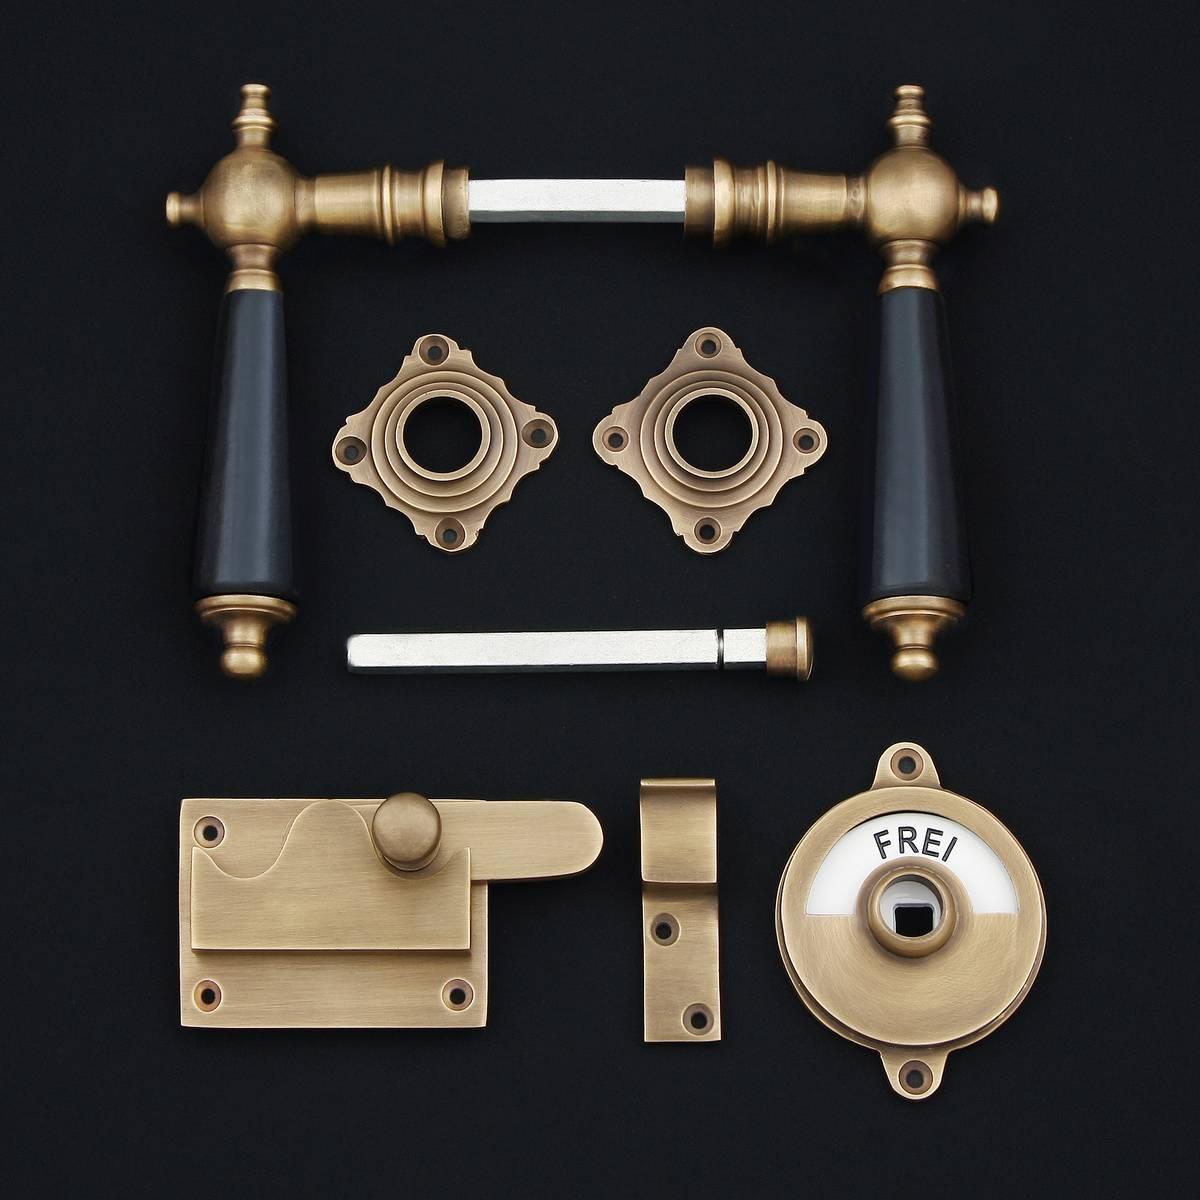 WC-Zimmertür Rosettengarnitur, Holz - antike Türdrücker, Türklinken, Türbeschläge